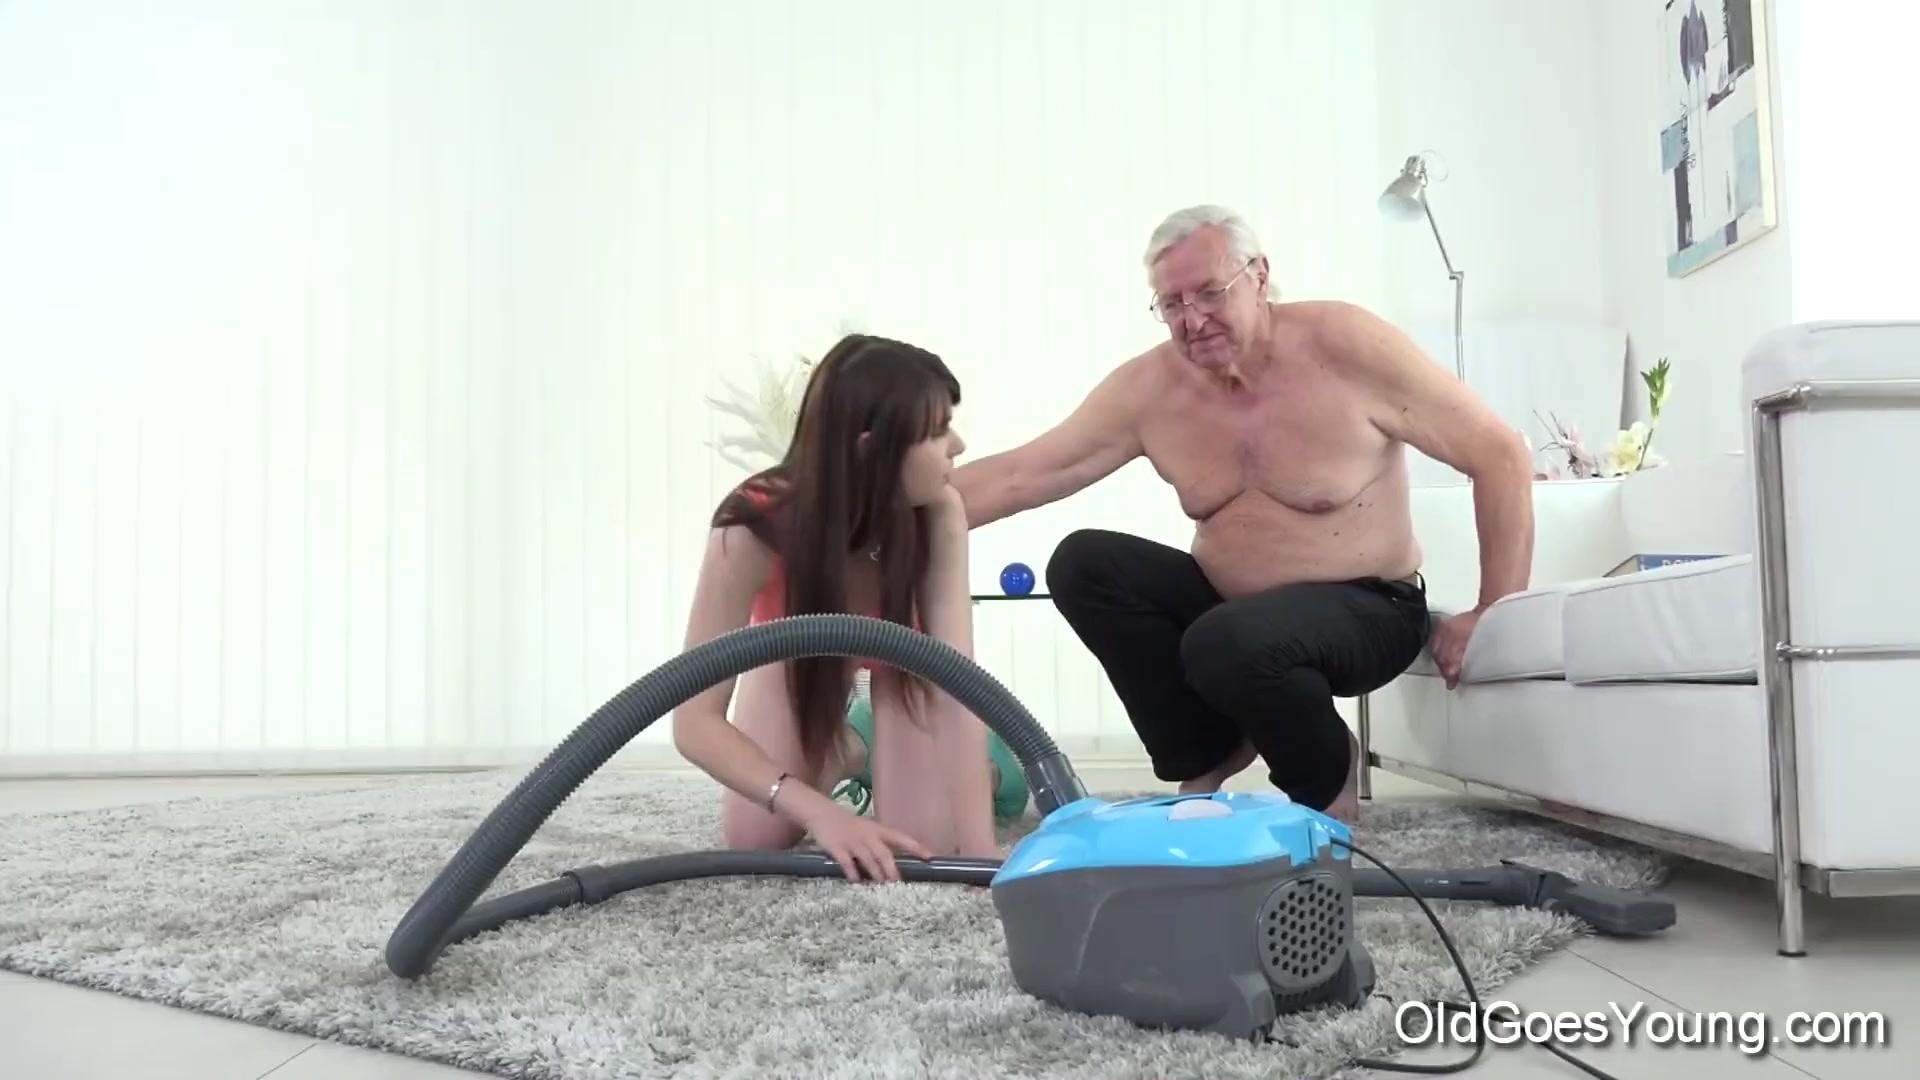 Vaut peine watch ass while blowjob Thats